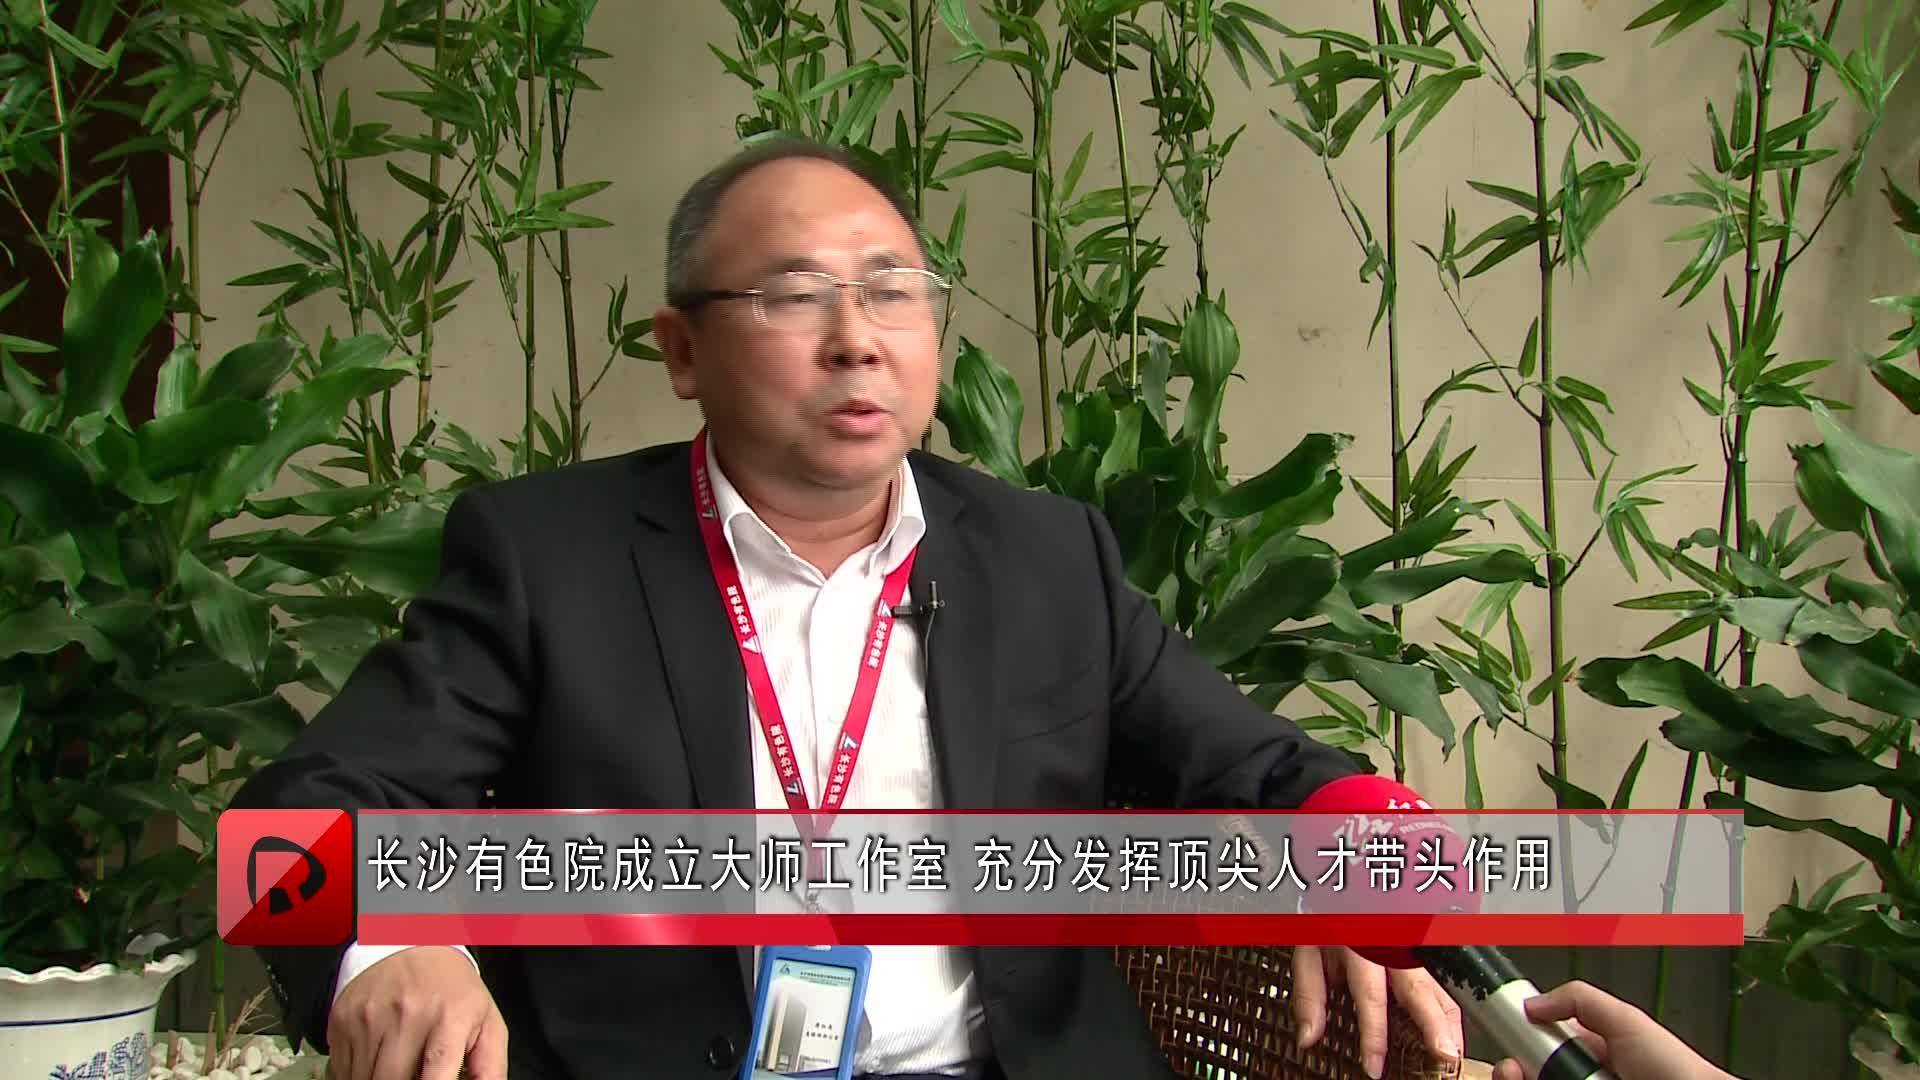 廖江南:致力将长沙有色院打造成国际一流科技型工程公司